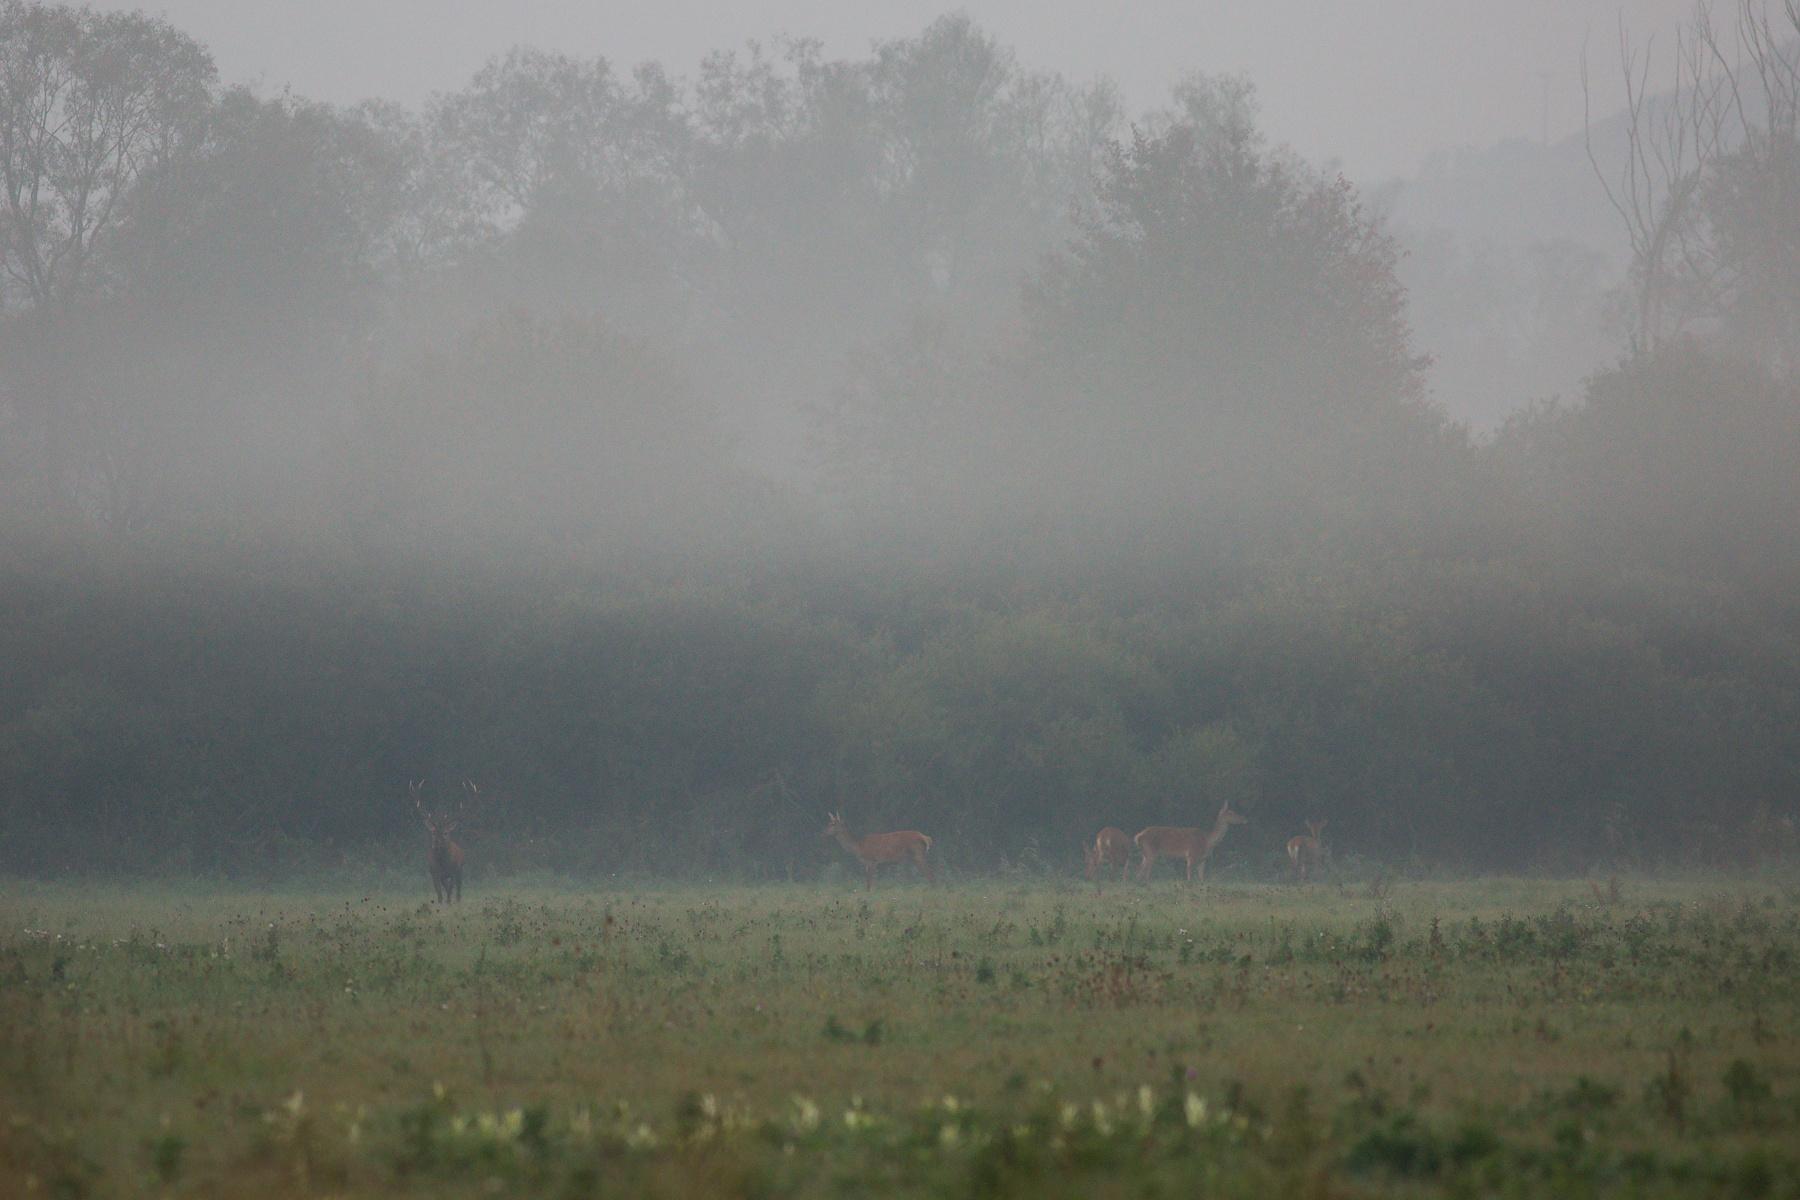 jeleň lesný (Cervus elaphus) Red deer, NPR Kláštorské lúky, Turčianska kotlina, Slovensko Canon EOS 5D mark III, Canon 400 mm f5.6 L USM, f5.6, 1/160, ISO 1250, 21. september 2018